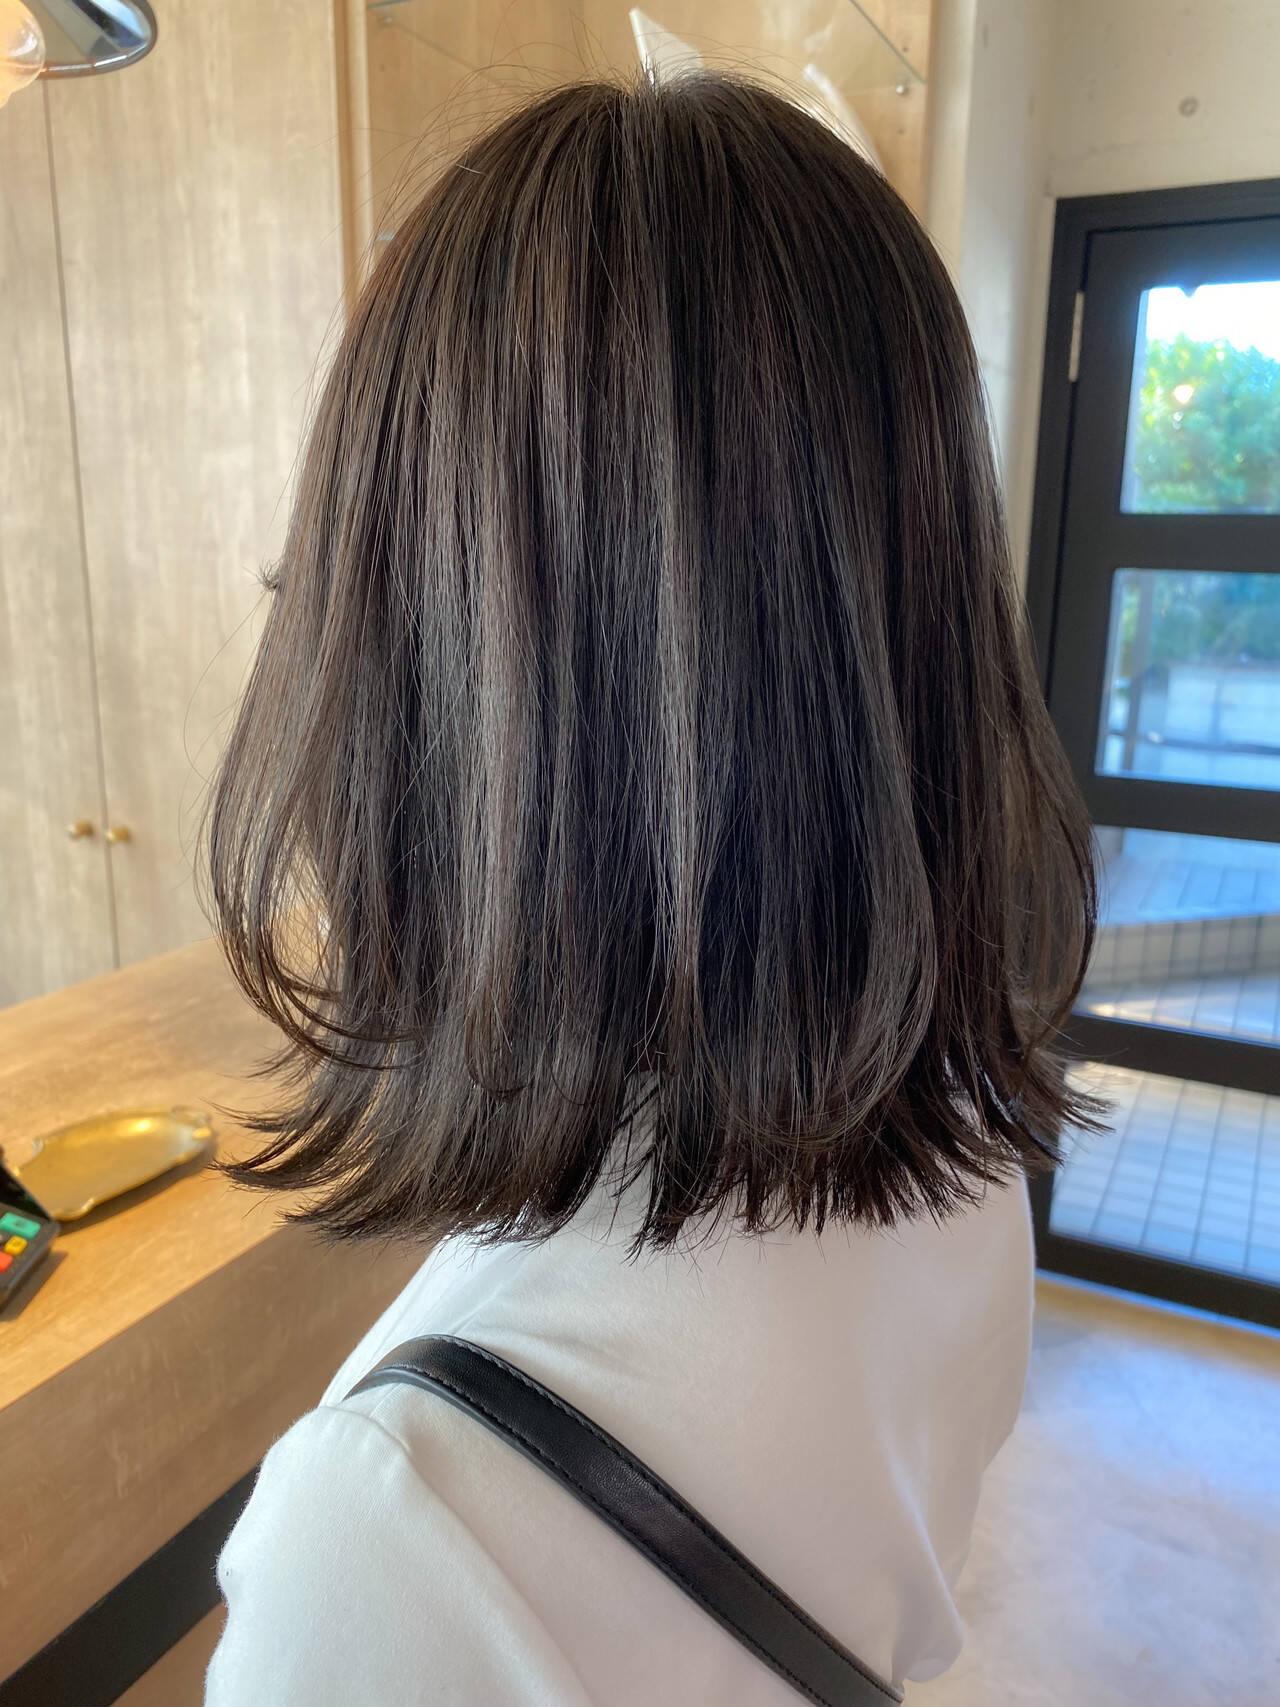 ベージュ ミディアム ナチュラル 透明感カラーヘアスタイルや髪型の写真・画像